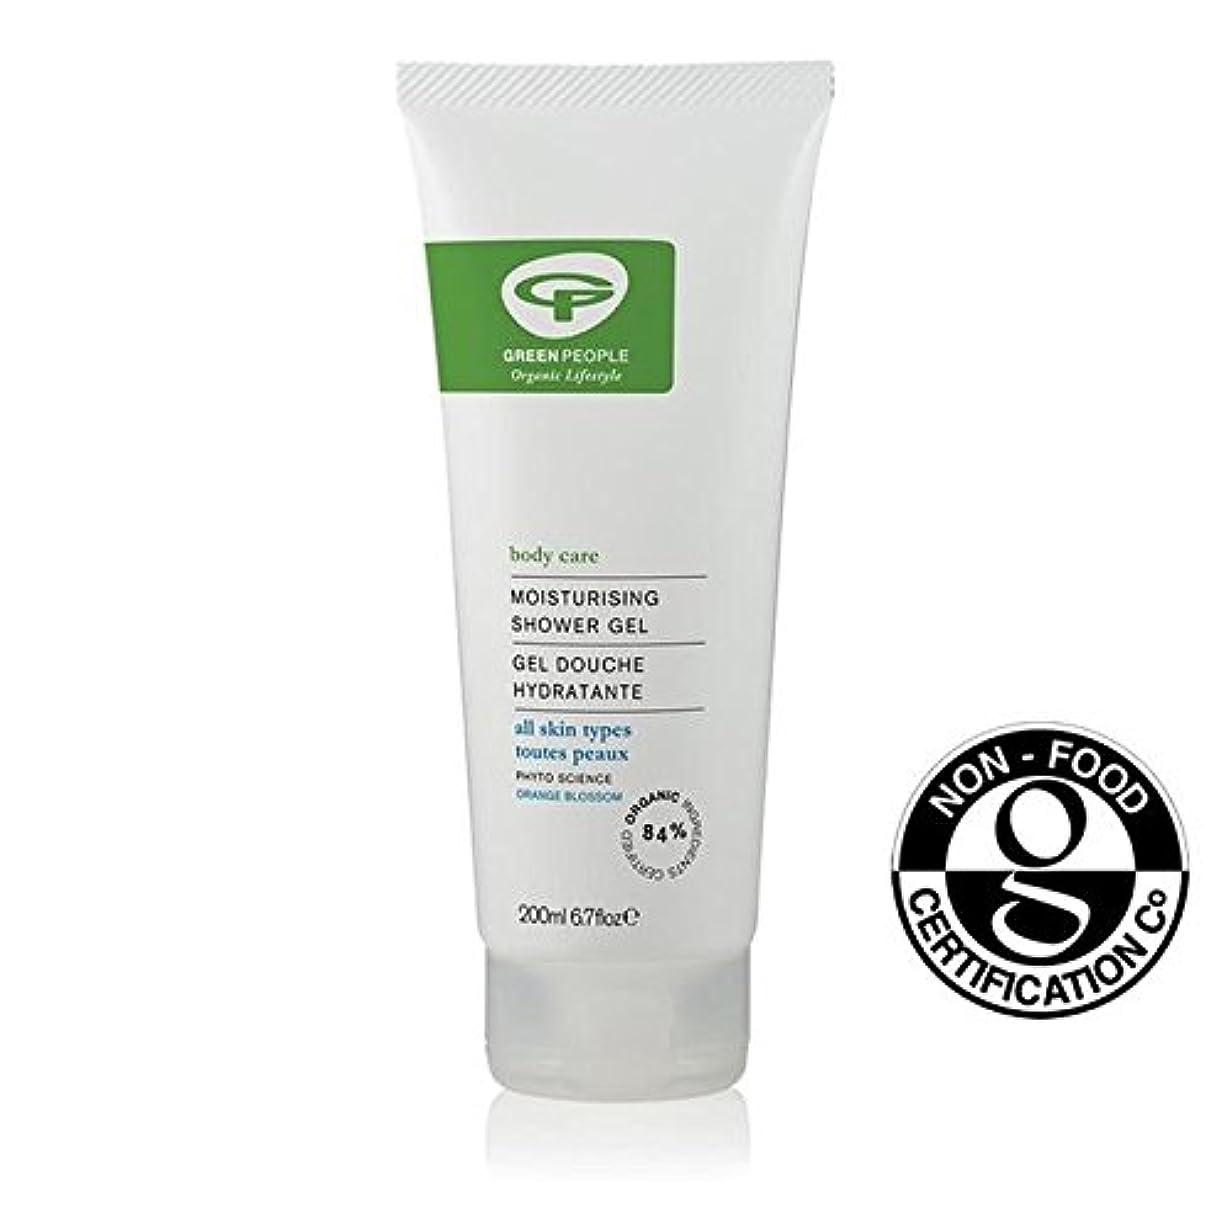 騒々しい剃る強調緑の人々の有機保湿シャワージェル200 x4 - Green People Organic Moisturising Shower Gel 200ml (Pack of 4) [並行輸入品]